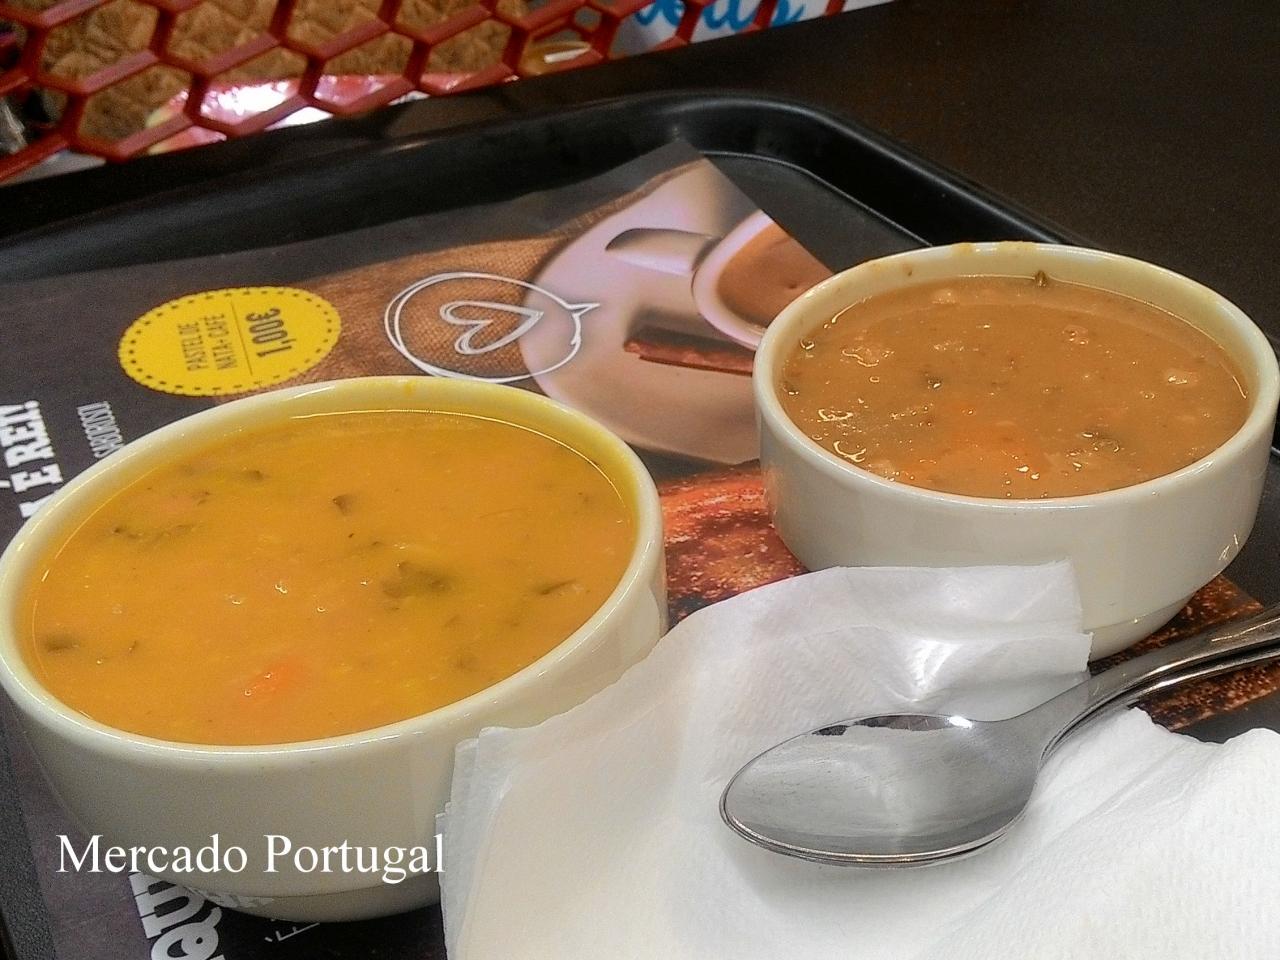 フードコートでも、野菜をペースト状にしたスープがメニューにあります。たっぷり入れてくれるのもポルトガルならでは。